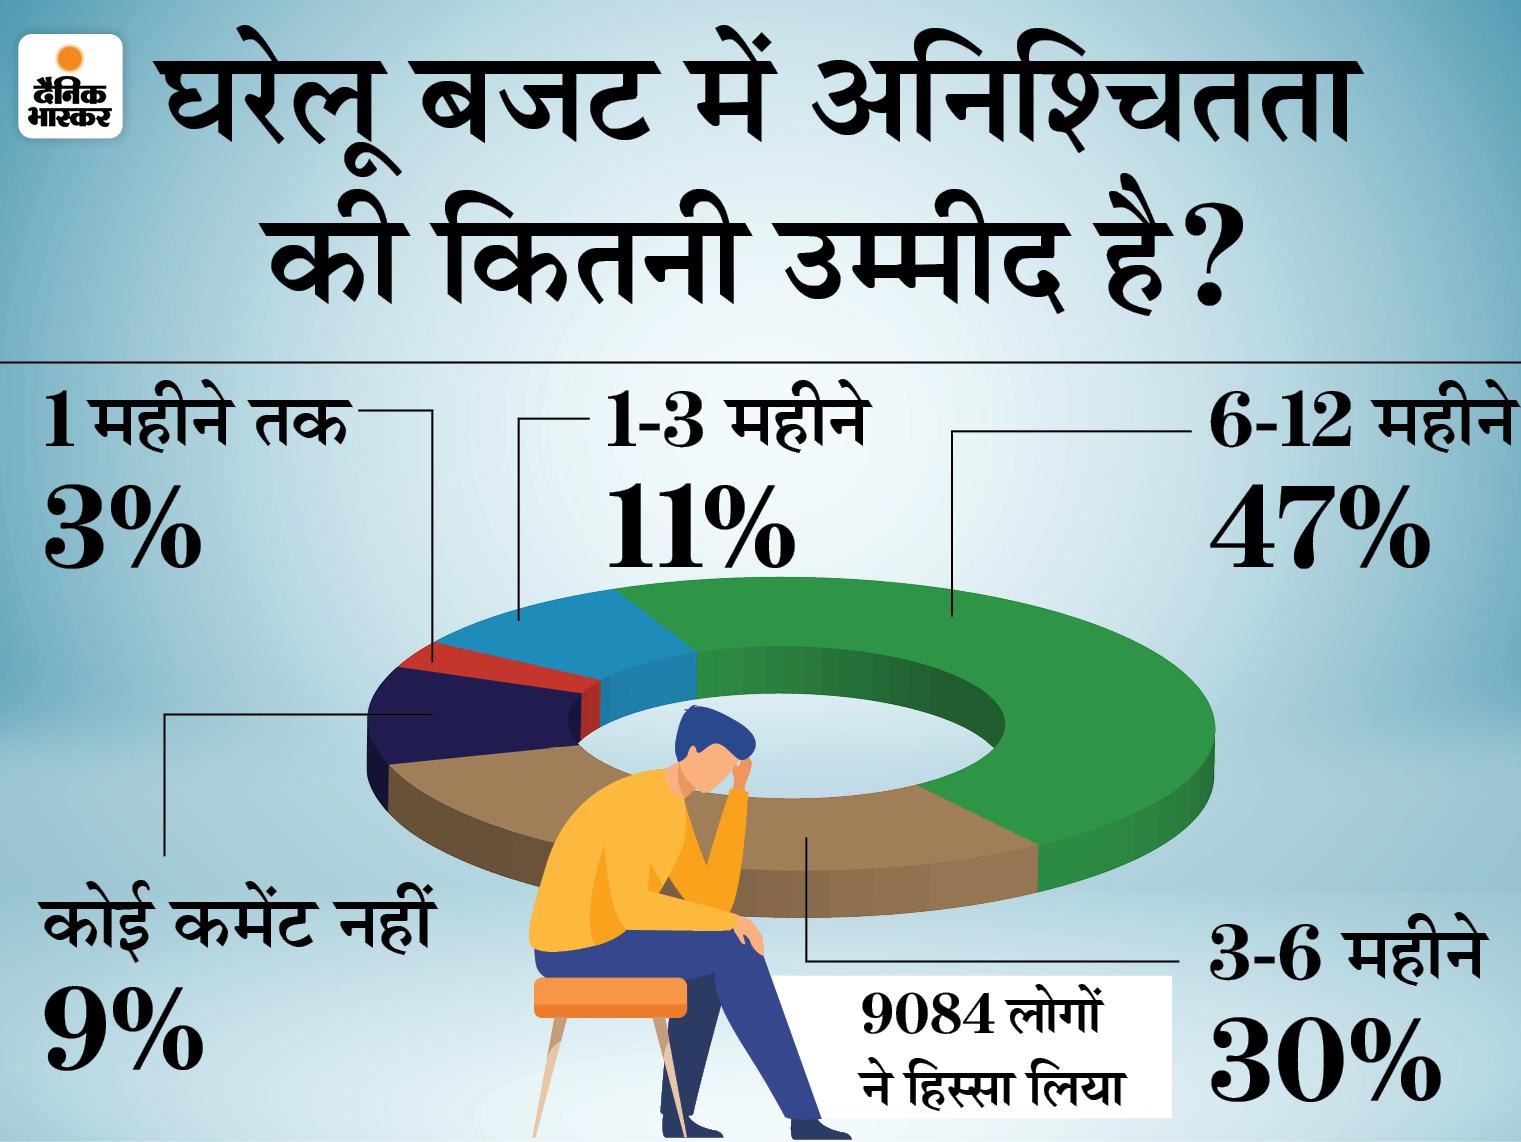 कोरोना की दूसरी लहर से इनकम घटी और खर्च बढ़ा, 79% लोगों को आगे भी कम आमदनी की आशंका बिजनेस,Business - Dainik Bhaskar